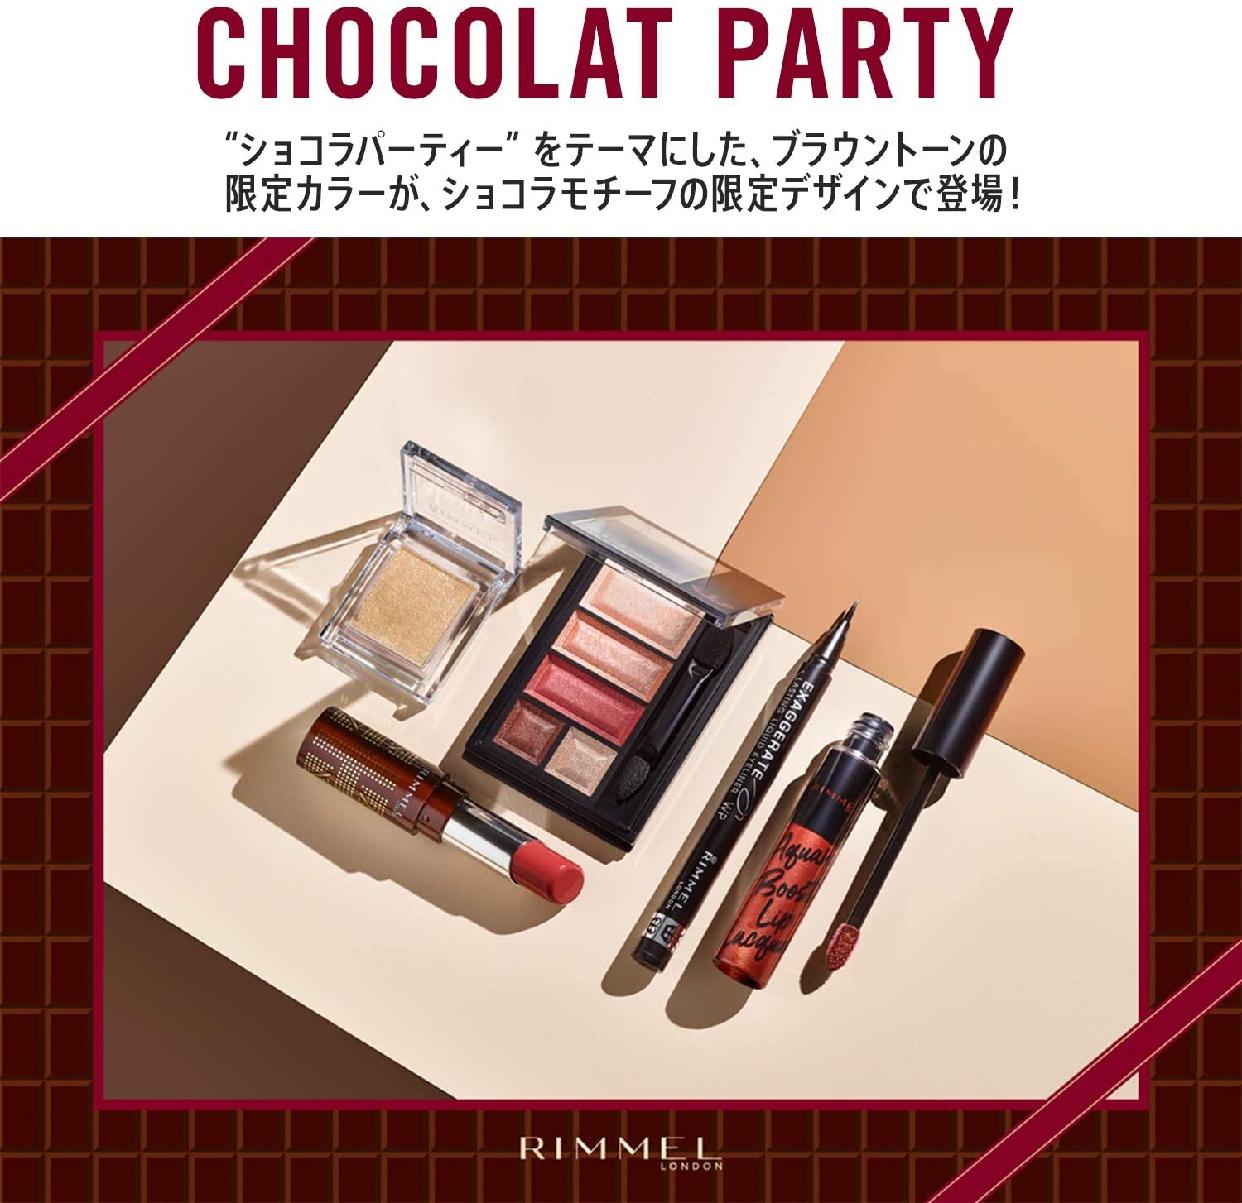 RIMMEL(リンメル) ショコラスウィート アイズの商品画像11